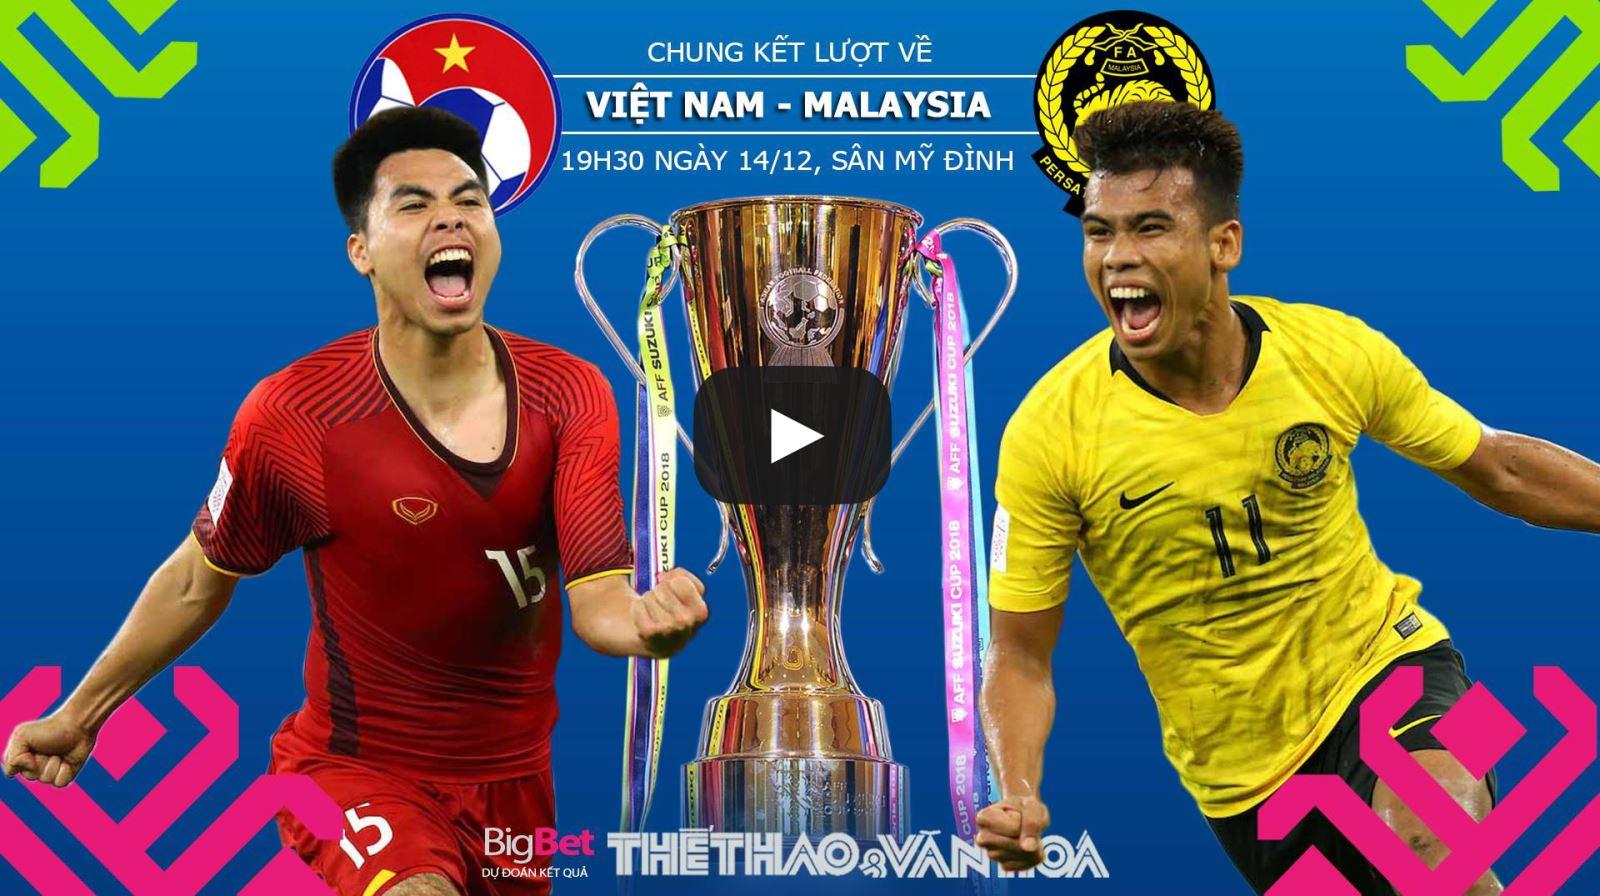 VTV6, VTC3, Kèo Việt Nam, Soi kèo Việt Nam Malaysia, Việt Nam vs Malaysia, nhận định Việt Nam, bong da, trực tiếp bóng đá, vtv6 truc tiep bong da, trực tiếp bóng đá vtv6